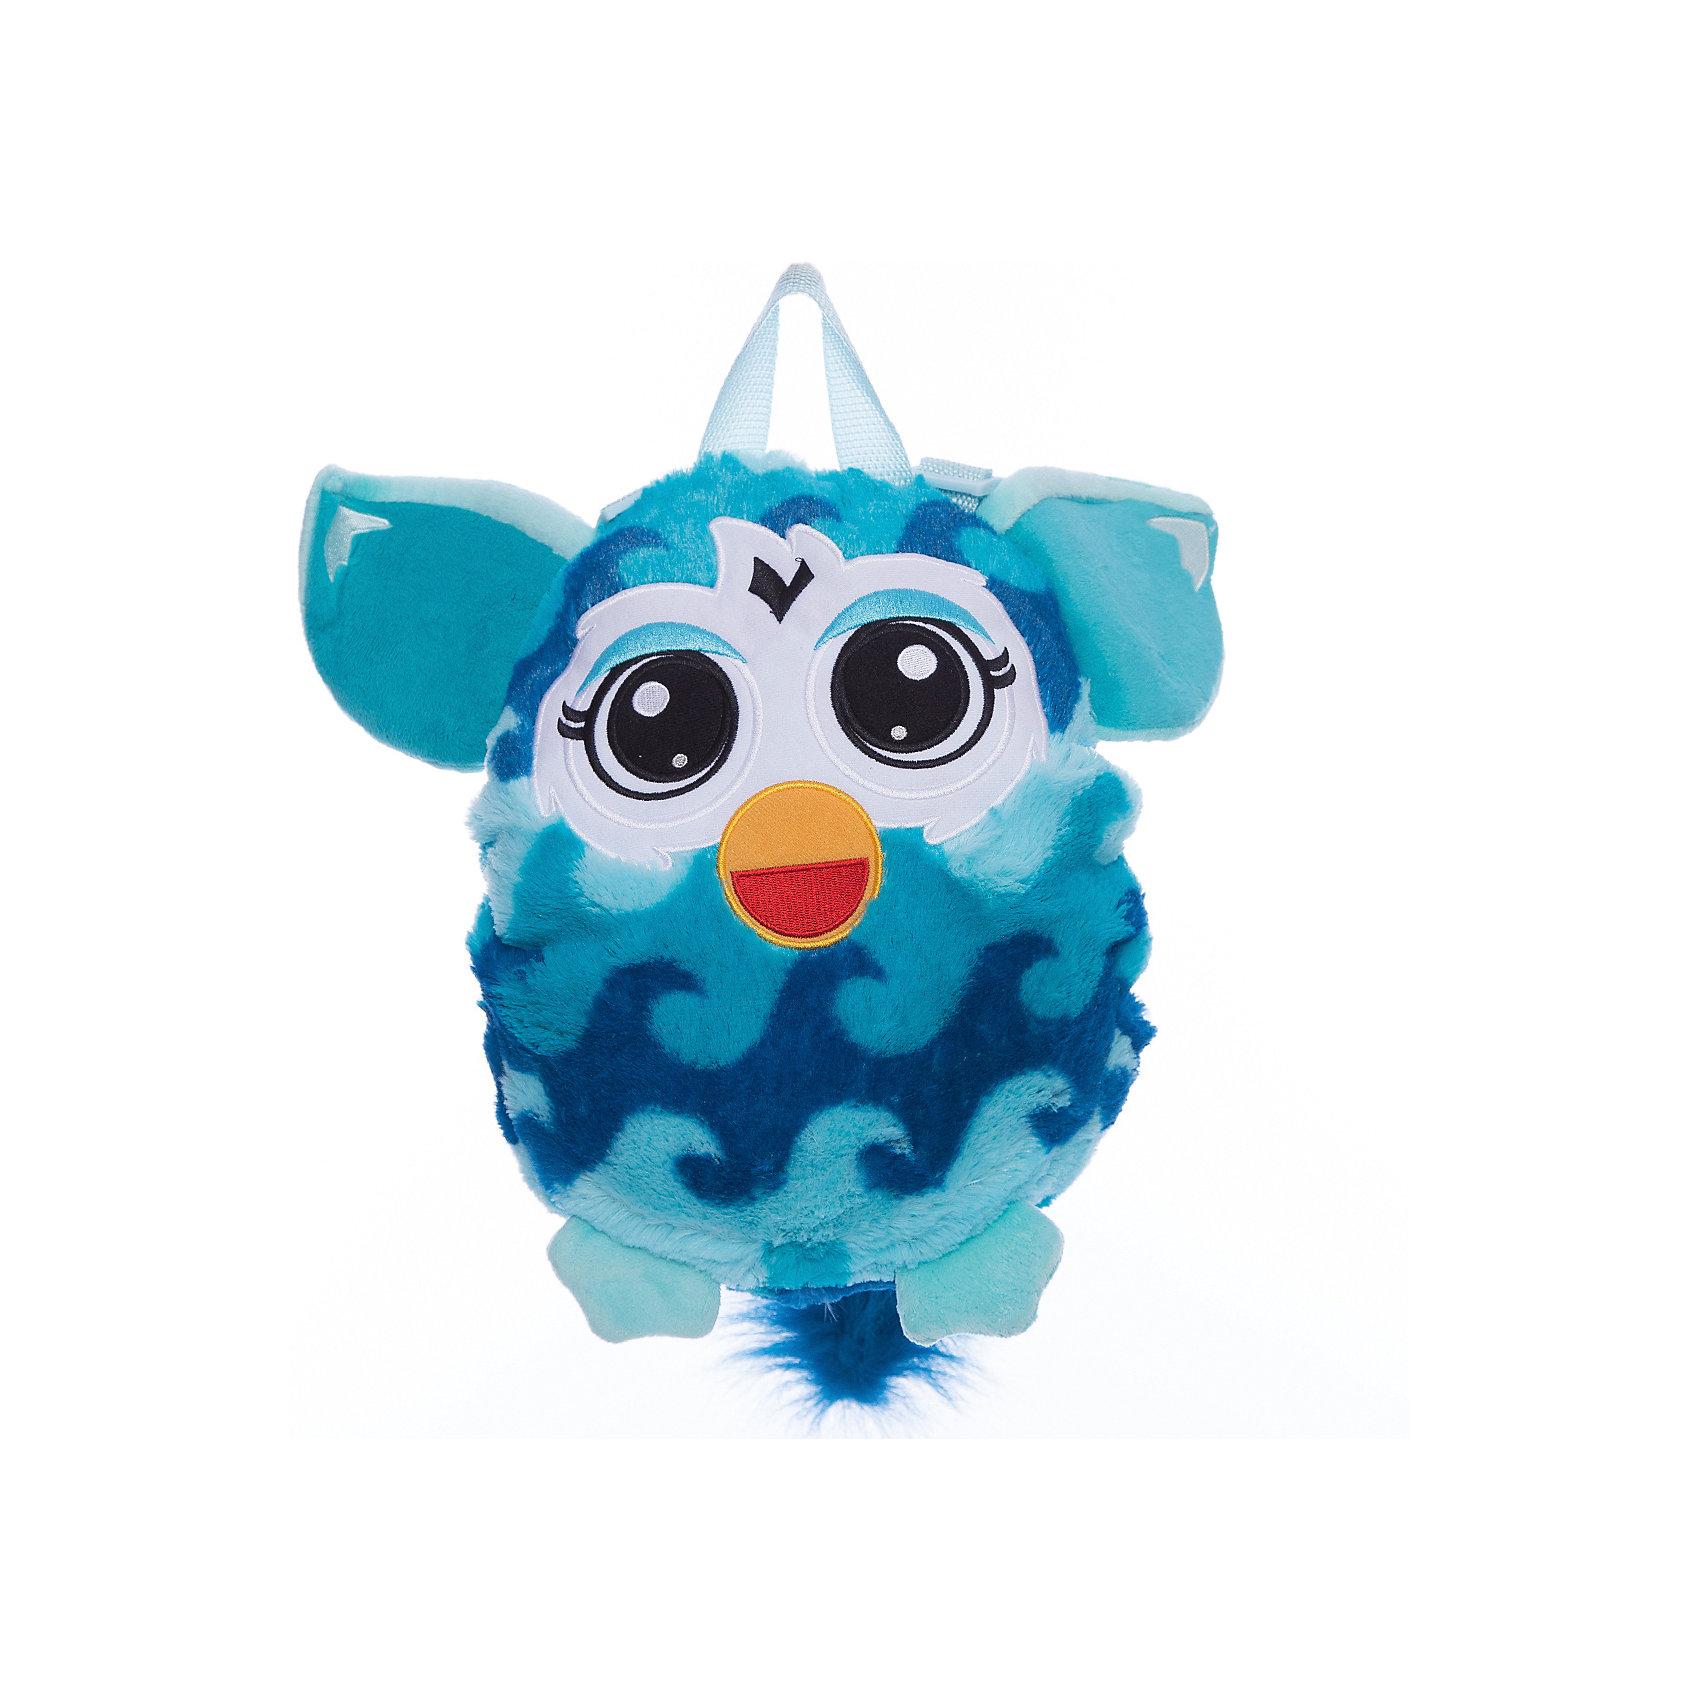 Furby рюкзак 35 см, волна, 1ToyЧудесный плюшевый рюкзачок Furby никого не оставит равнодушным. Он замечательно подойдет для прогулок, поездок и путешествий, а также в качестве забавной мягкой игрушки. Рюкзак выполнен в виде очаровательного Ферби и его внешний вид абсолютно идентичен популярной интерактивной игрушке. У Ферби яркая сине-голубая расцветка с узором в виде волны, бирюзовые ушки и лапки. Качественный плюшевый материал рюкзачка очень мягкий и приятный на ощупь. Внутри одно вместительное отделение, куда ребенок сможет положить все необходимые на прогулке вещи. Рюкзак оснащен удобной текстильной ручкой для переноски в руках. <br><br>Дополнительная информация:<br><br>- Материал: плюш (хентег).  <br>- Длина рюкзака: 35 см.<br>- Общие размеры: 35 х 28 х 3 см.<br>- Вес: 181 гр.<br><br>Furby рюкзак 35 см., волна, 1Toy, можно купить в нашем интернет-магазине.<br><br>Ширина мм: 350<br>Глубина мм: 280<br>Высота мм: 30<br>Вес г: 181<br>Возраст от месяцев: 24<br>Возраст до месяцев: 60<br>Пол: Унисекс<br>Возраст: Детский<br>SKU: 4627949